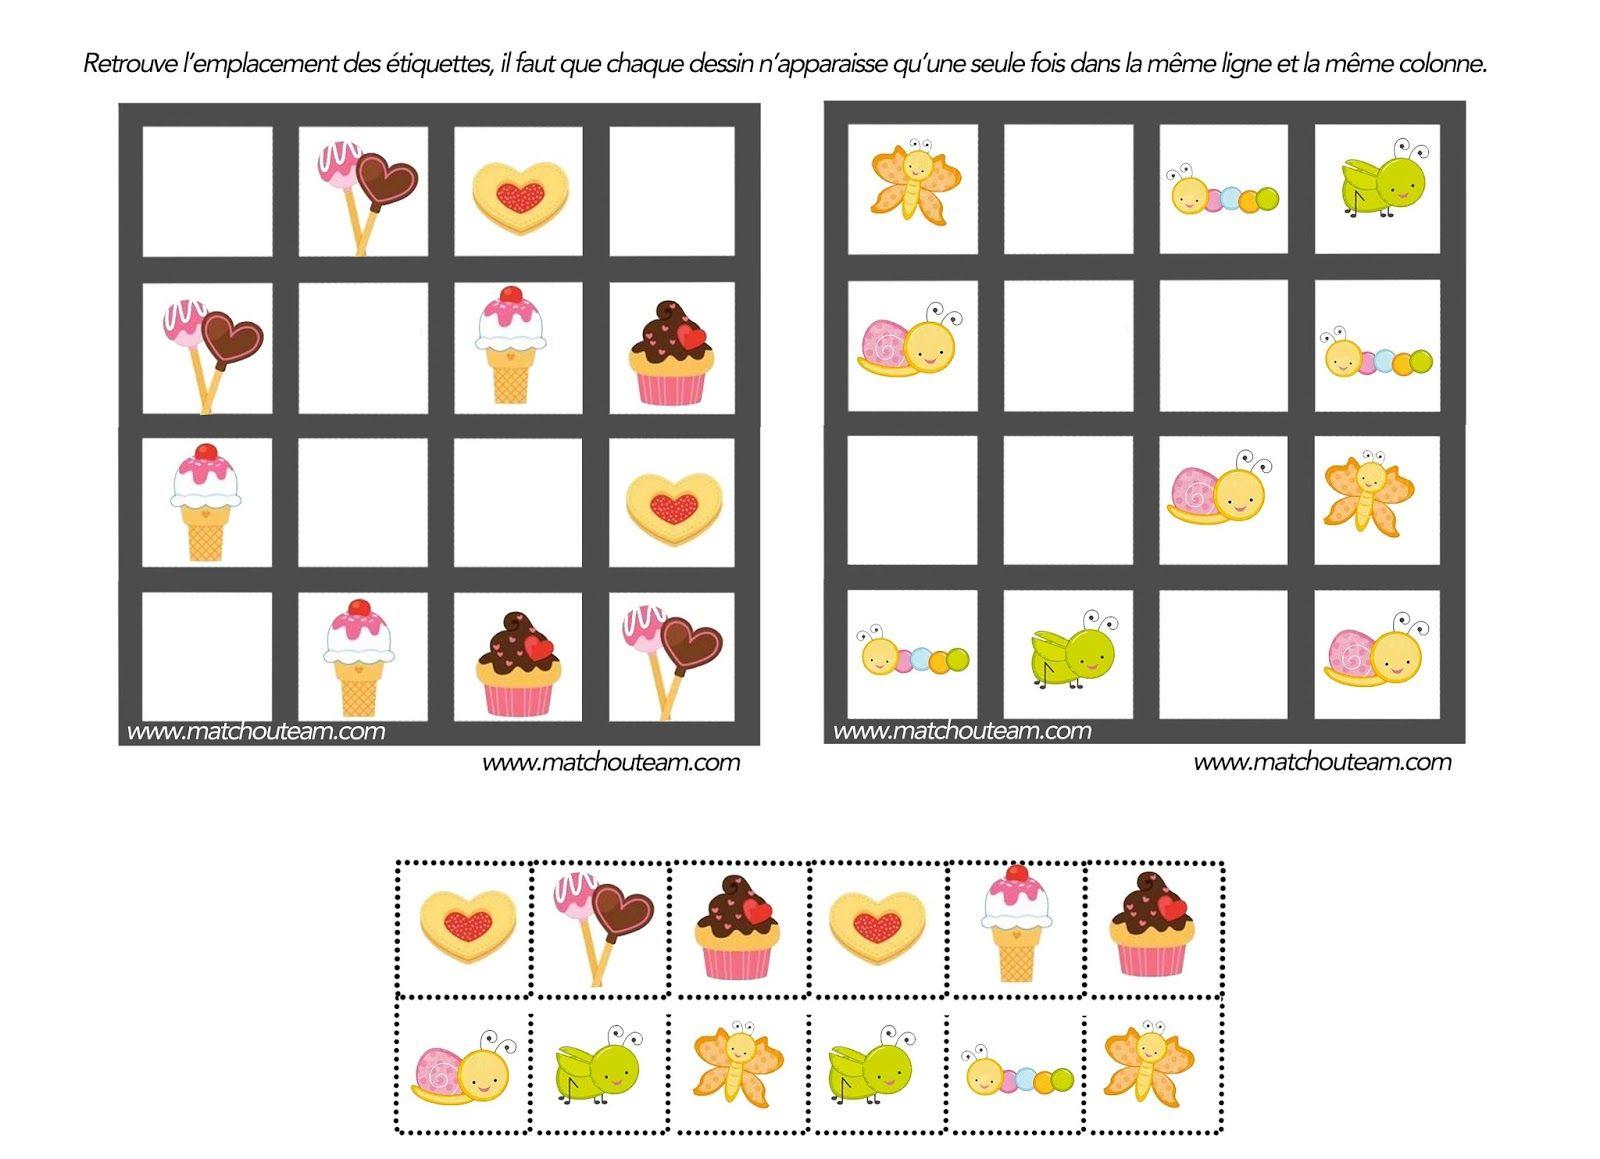 Jeu Pour Esprit Logique | Jeux De Logique, Jeux De Reflexion à Jeux Enfant Gratuit En Ligne